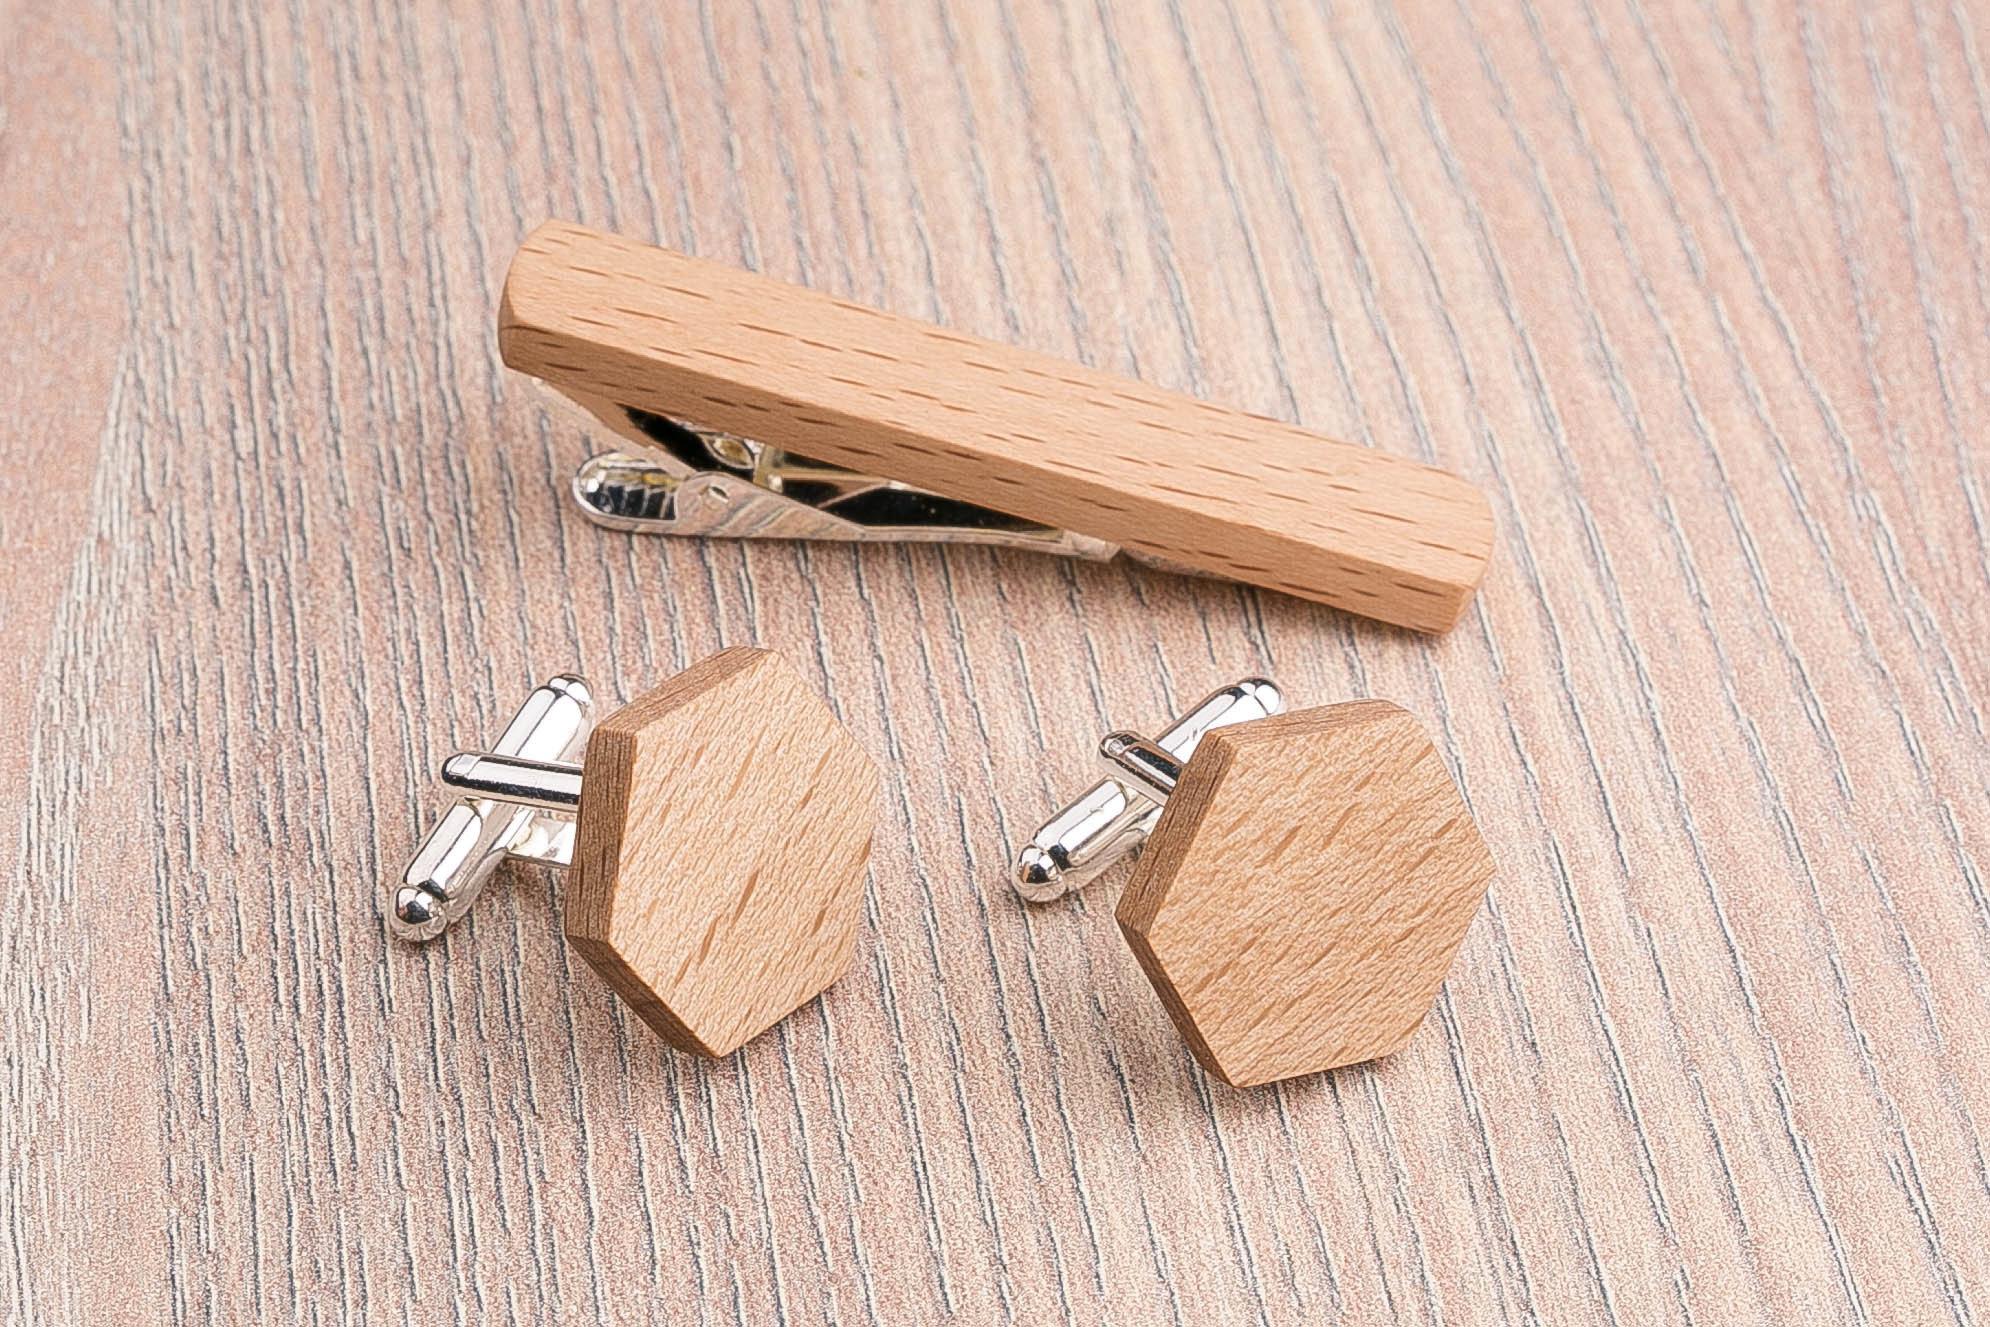 Комплект: Шестигранные запонки из дерева и Деревянный зажим для галстука. Массив бука. Гравировка инициалов. Упаковка в комплекте